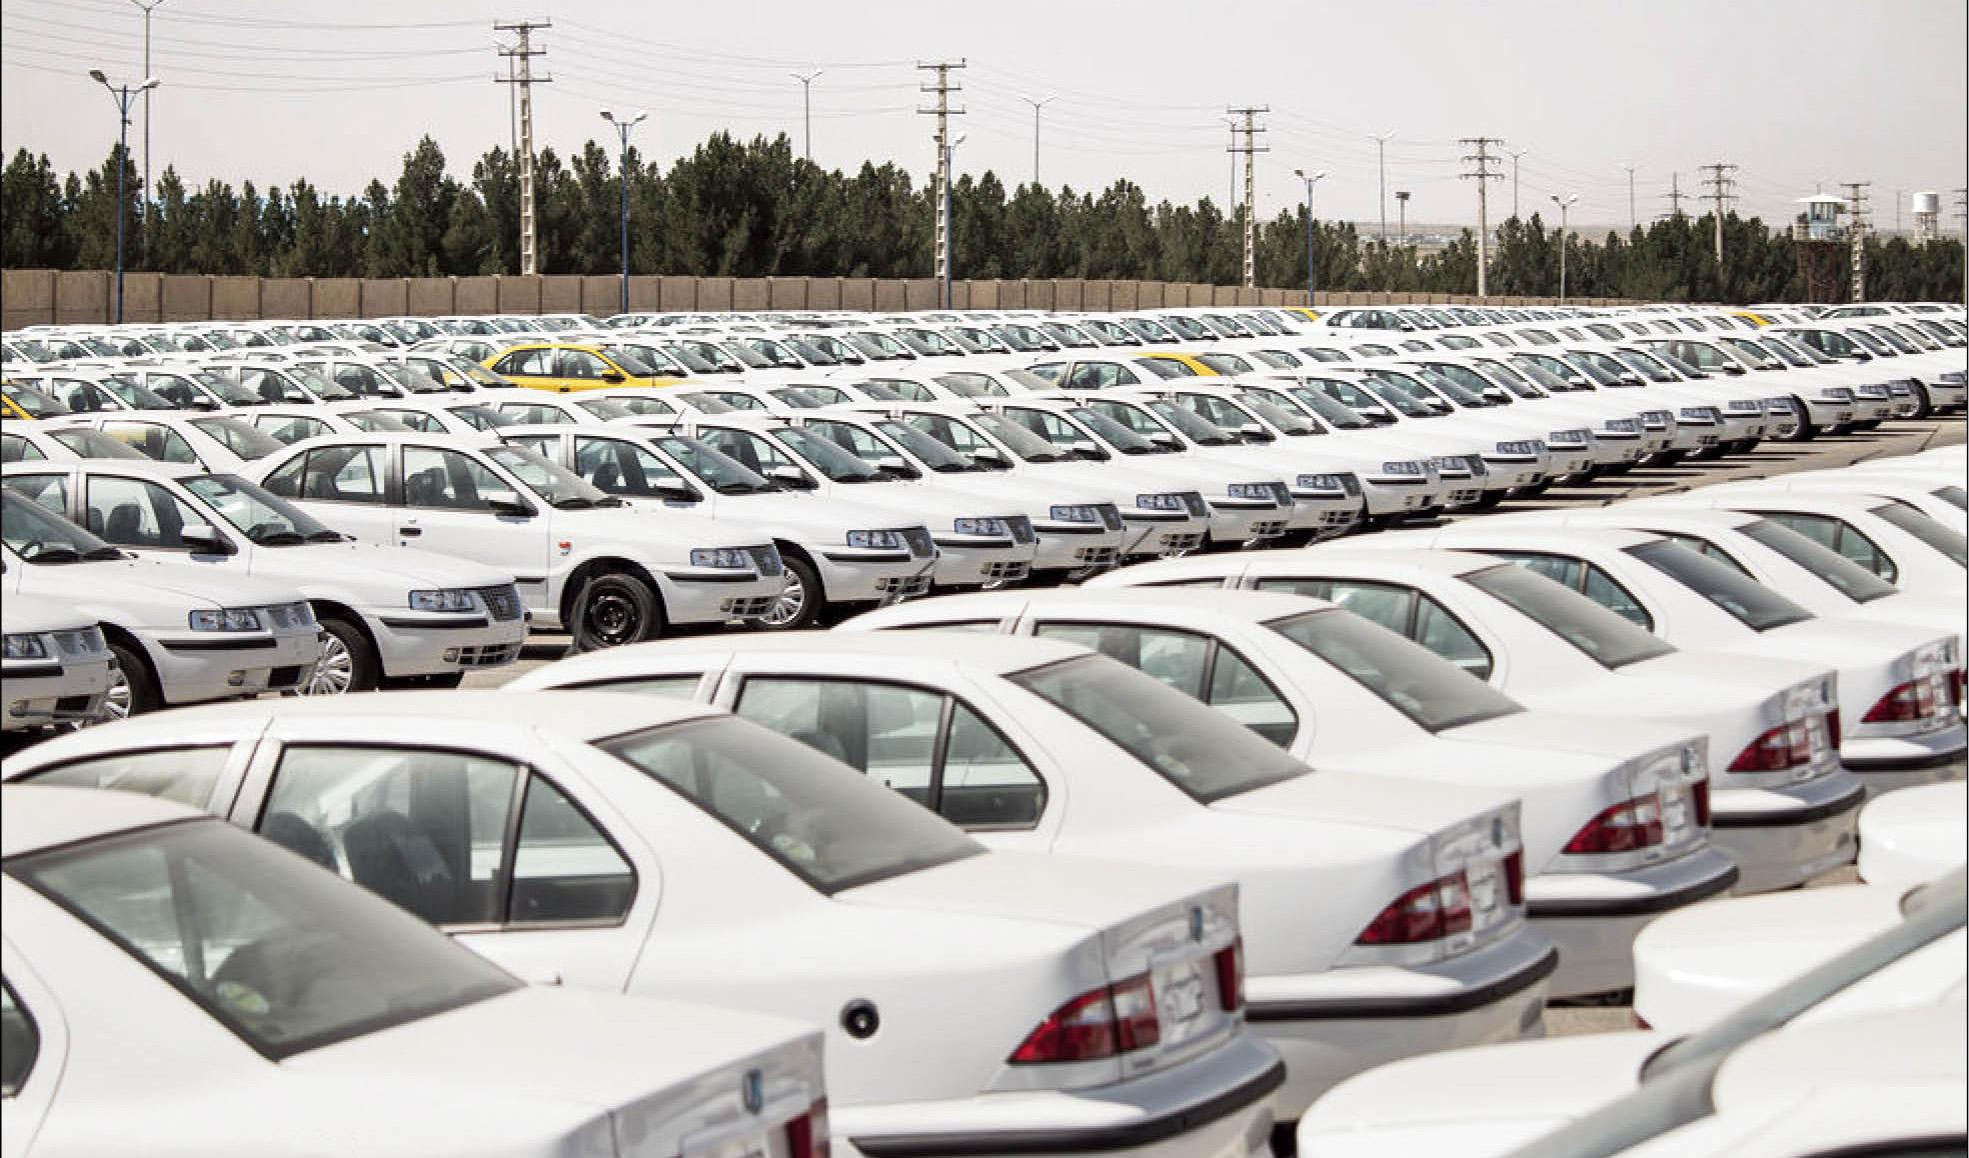 اخطار شدید وزیر صنعت به خودروسازان:خودروها نباید در پارکینگها انبار شود